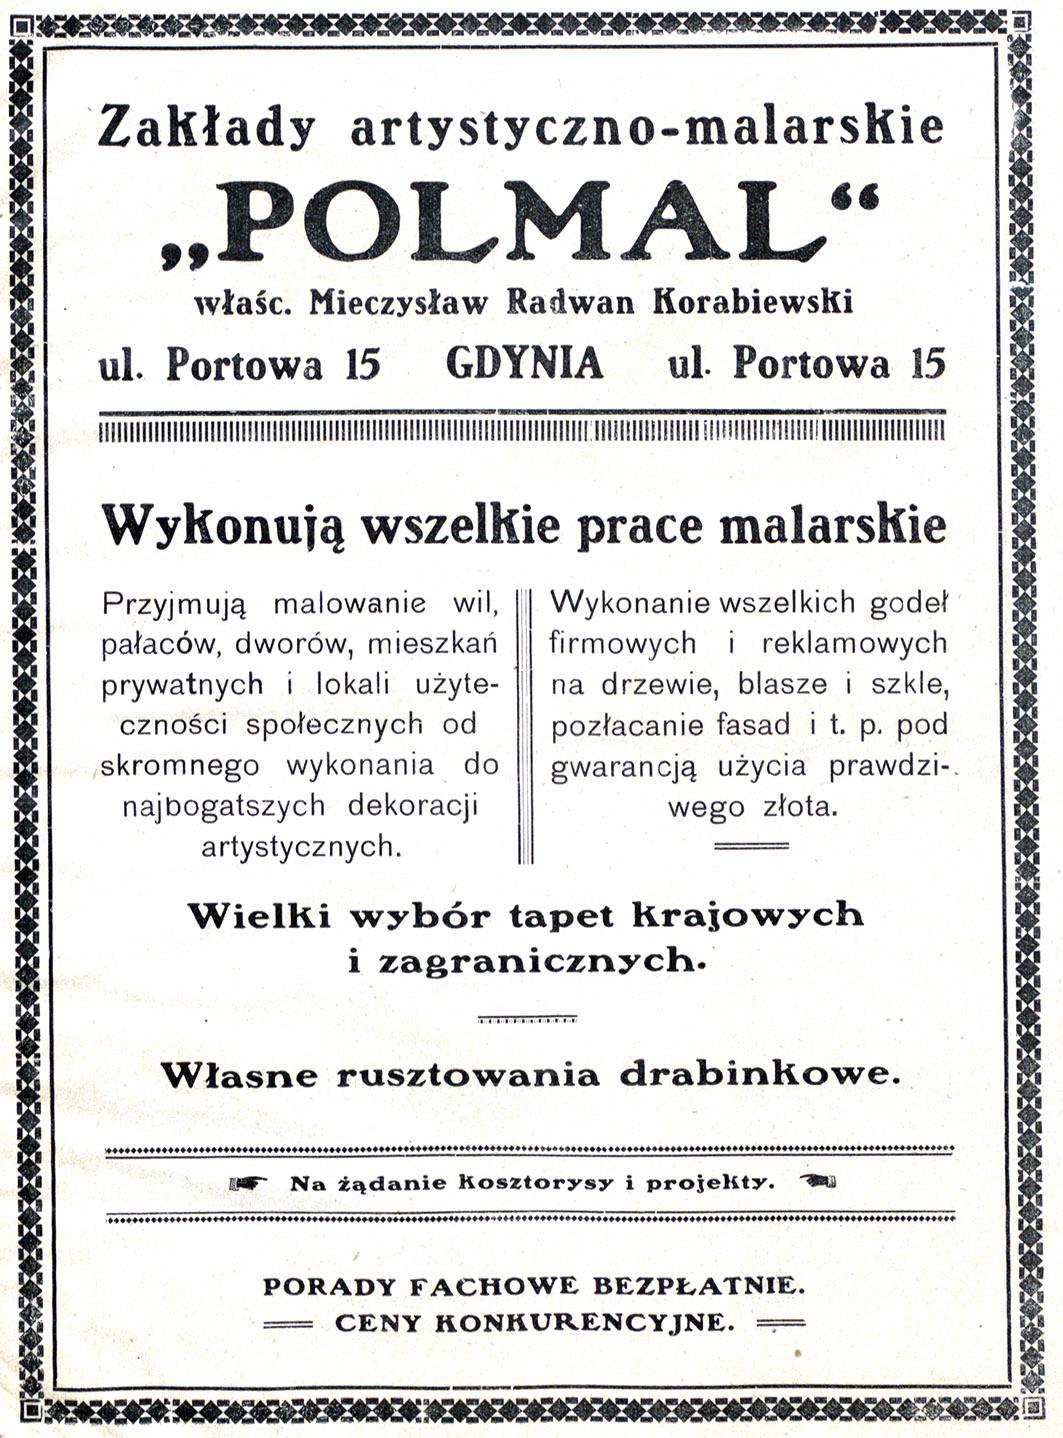 POLMAL Zakłady artystyczno-malarskie